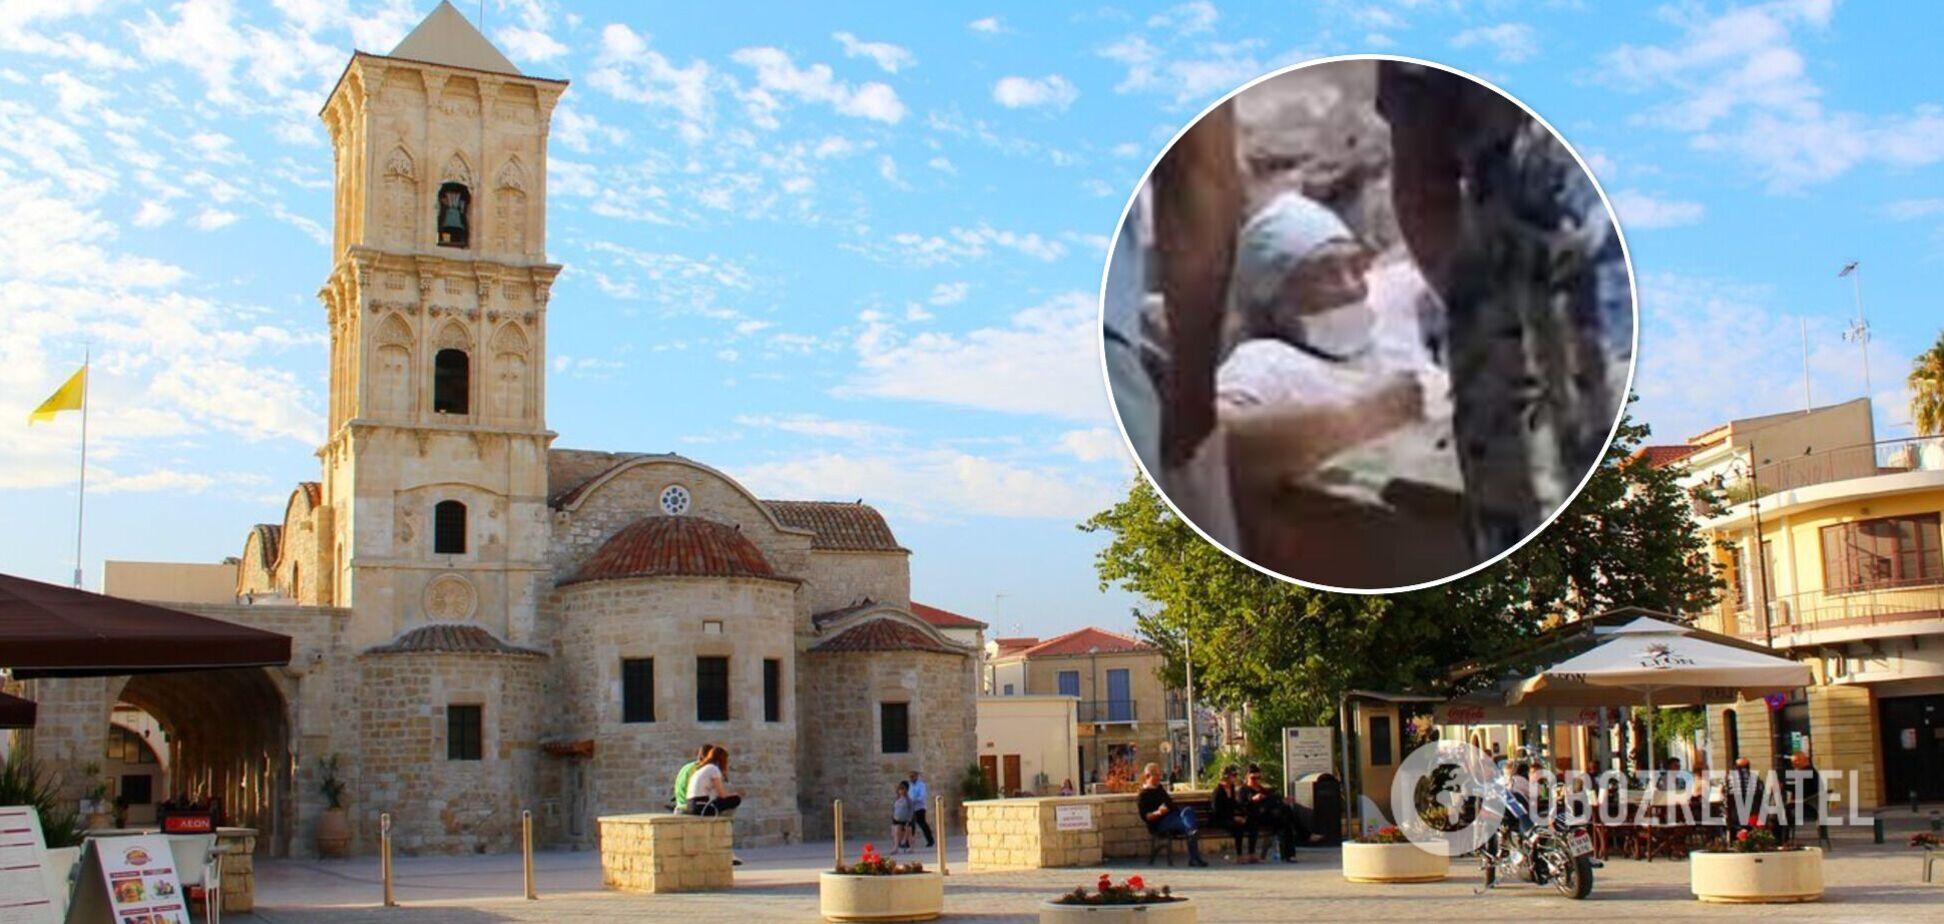 Едва не похоронила себя заживо: россиянка залезла в гробницу на Кипре и застряла